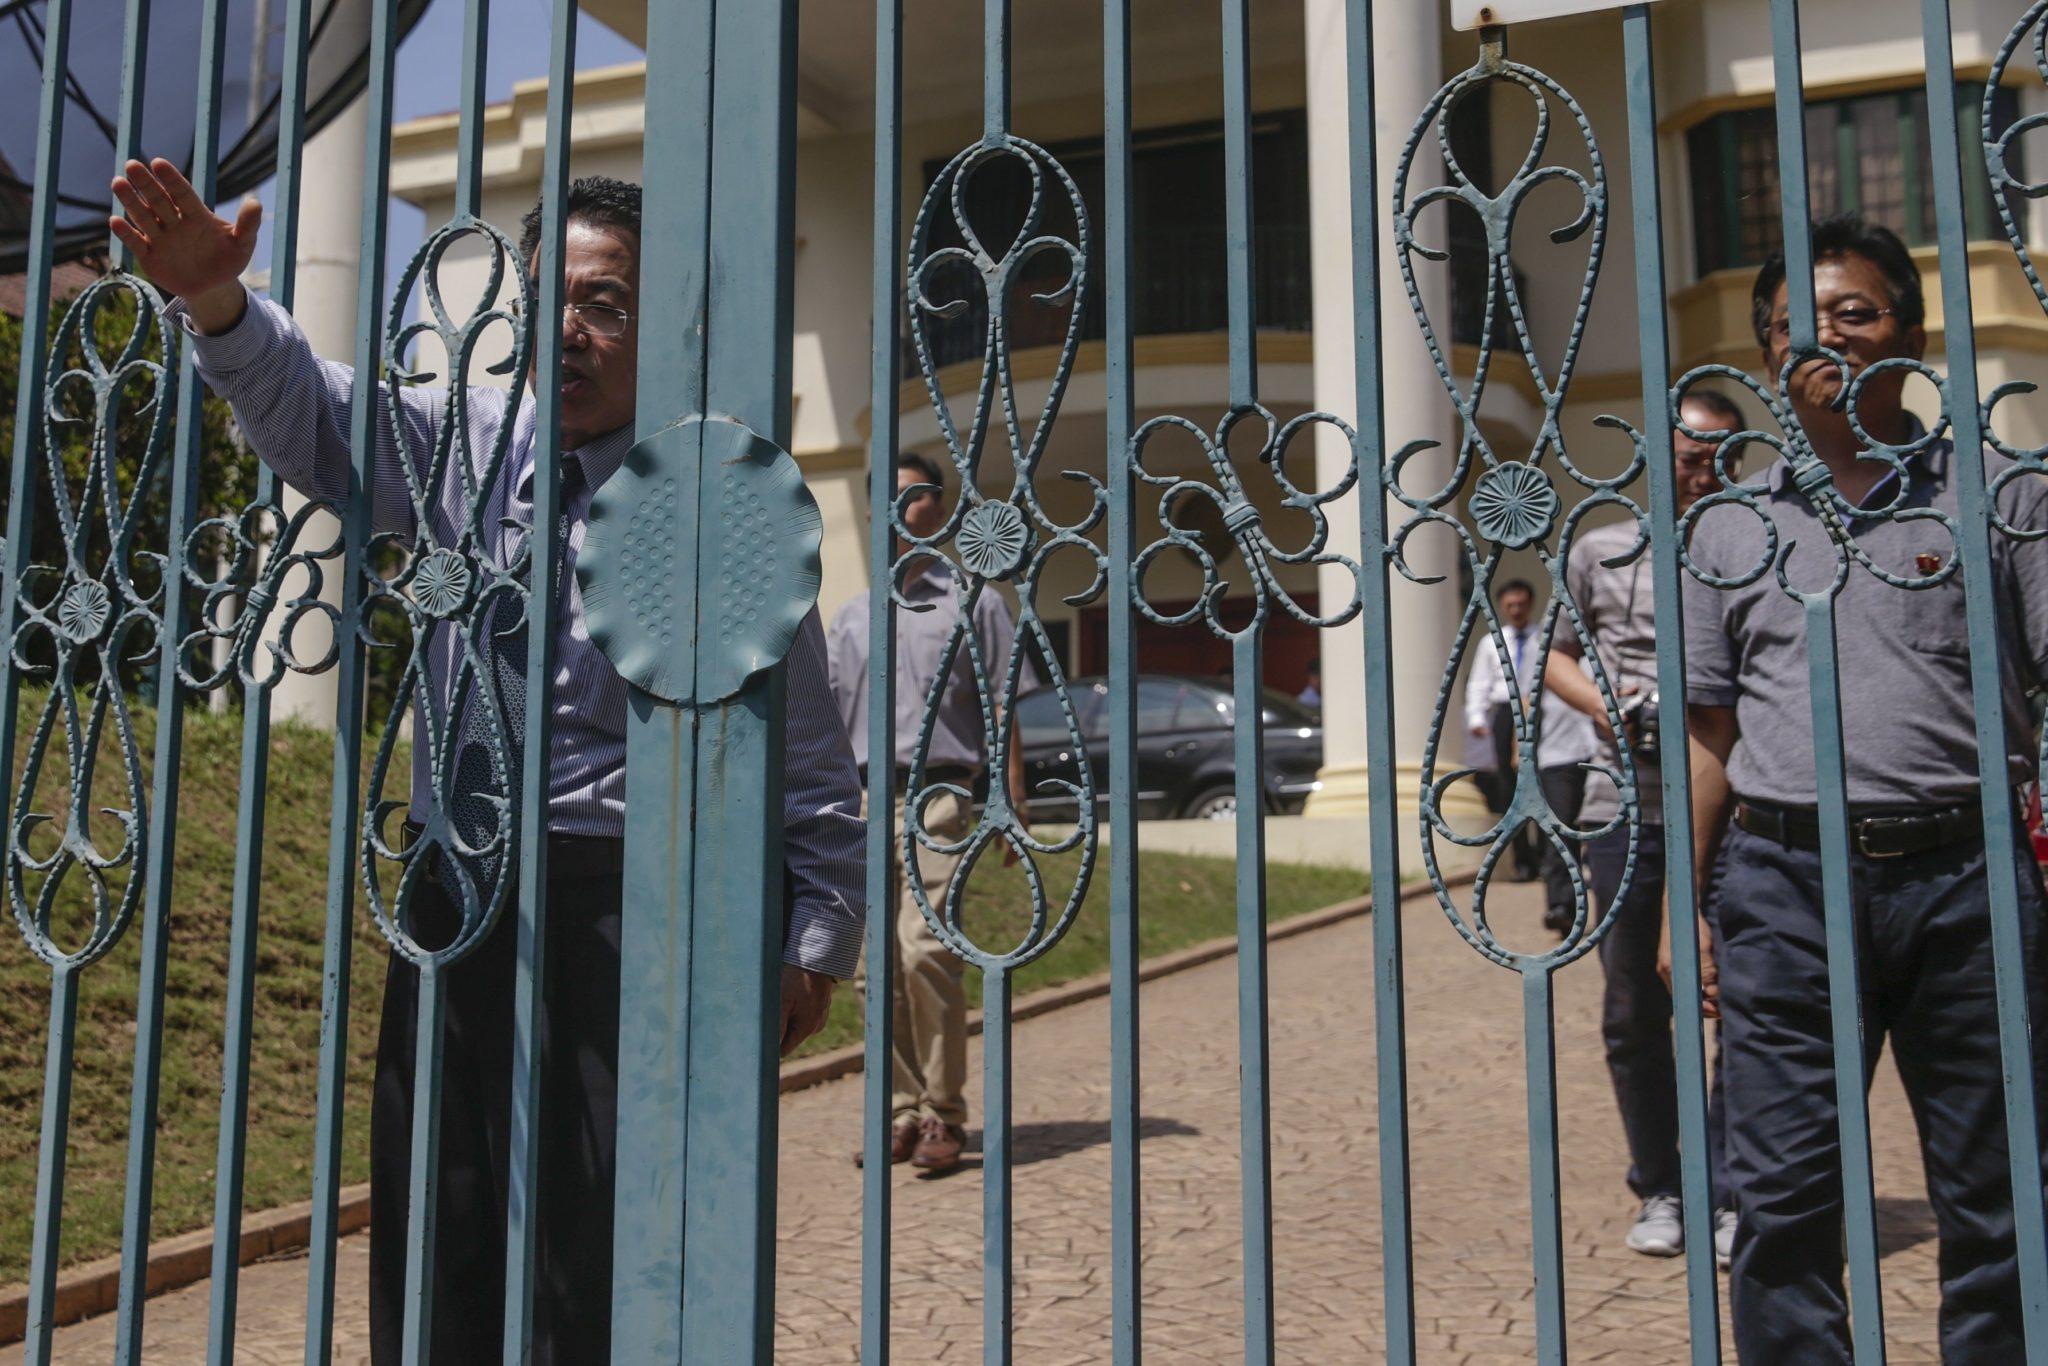 Malezja: konferencja prasowa w sprawie zabójstwa Kim Jong Nama, przyrodniego brata Kim Dzon Una w Kuala Lumpur (foto. PAP/EPA/FAZRY ISMAIL)